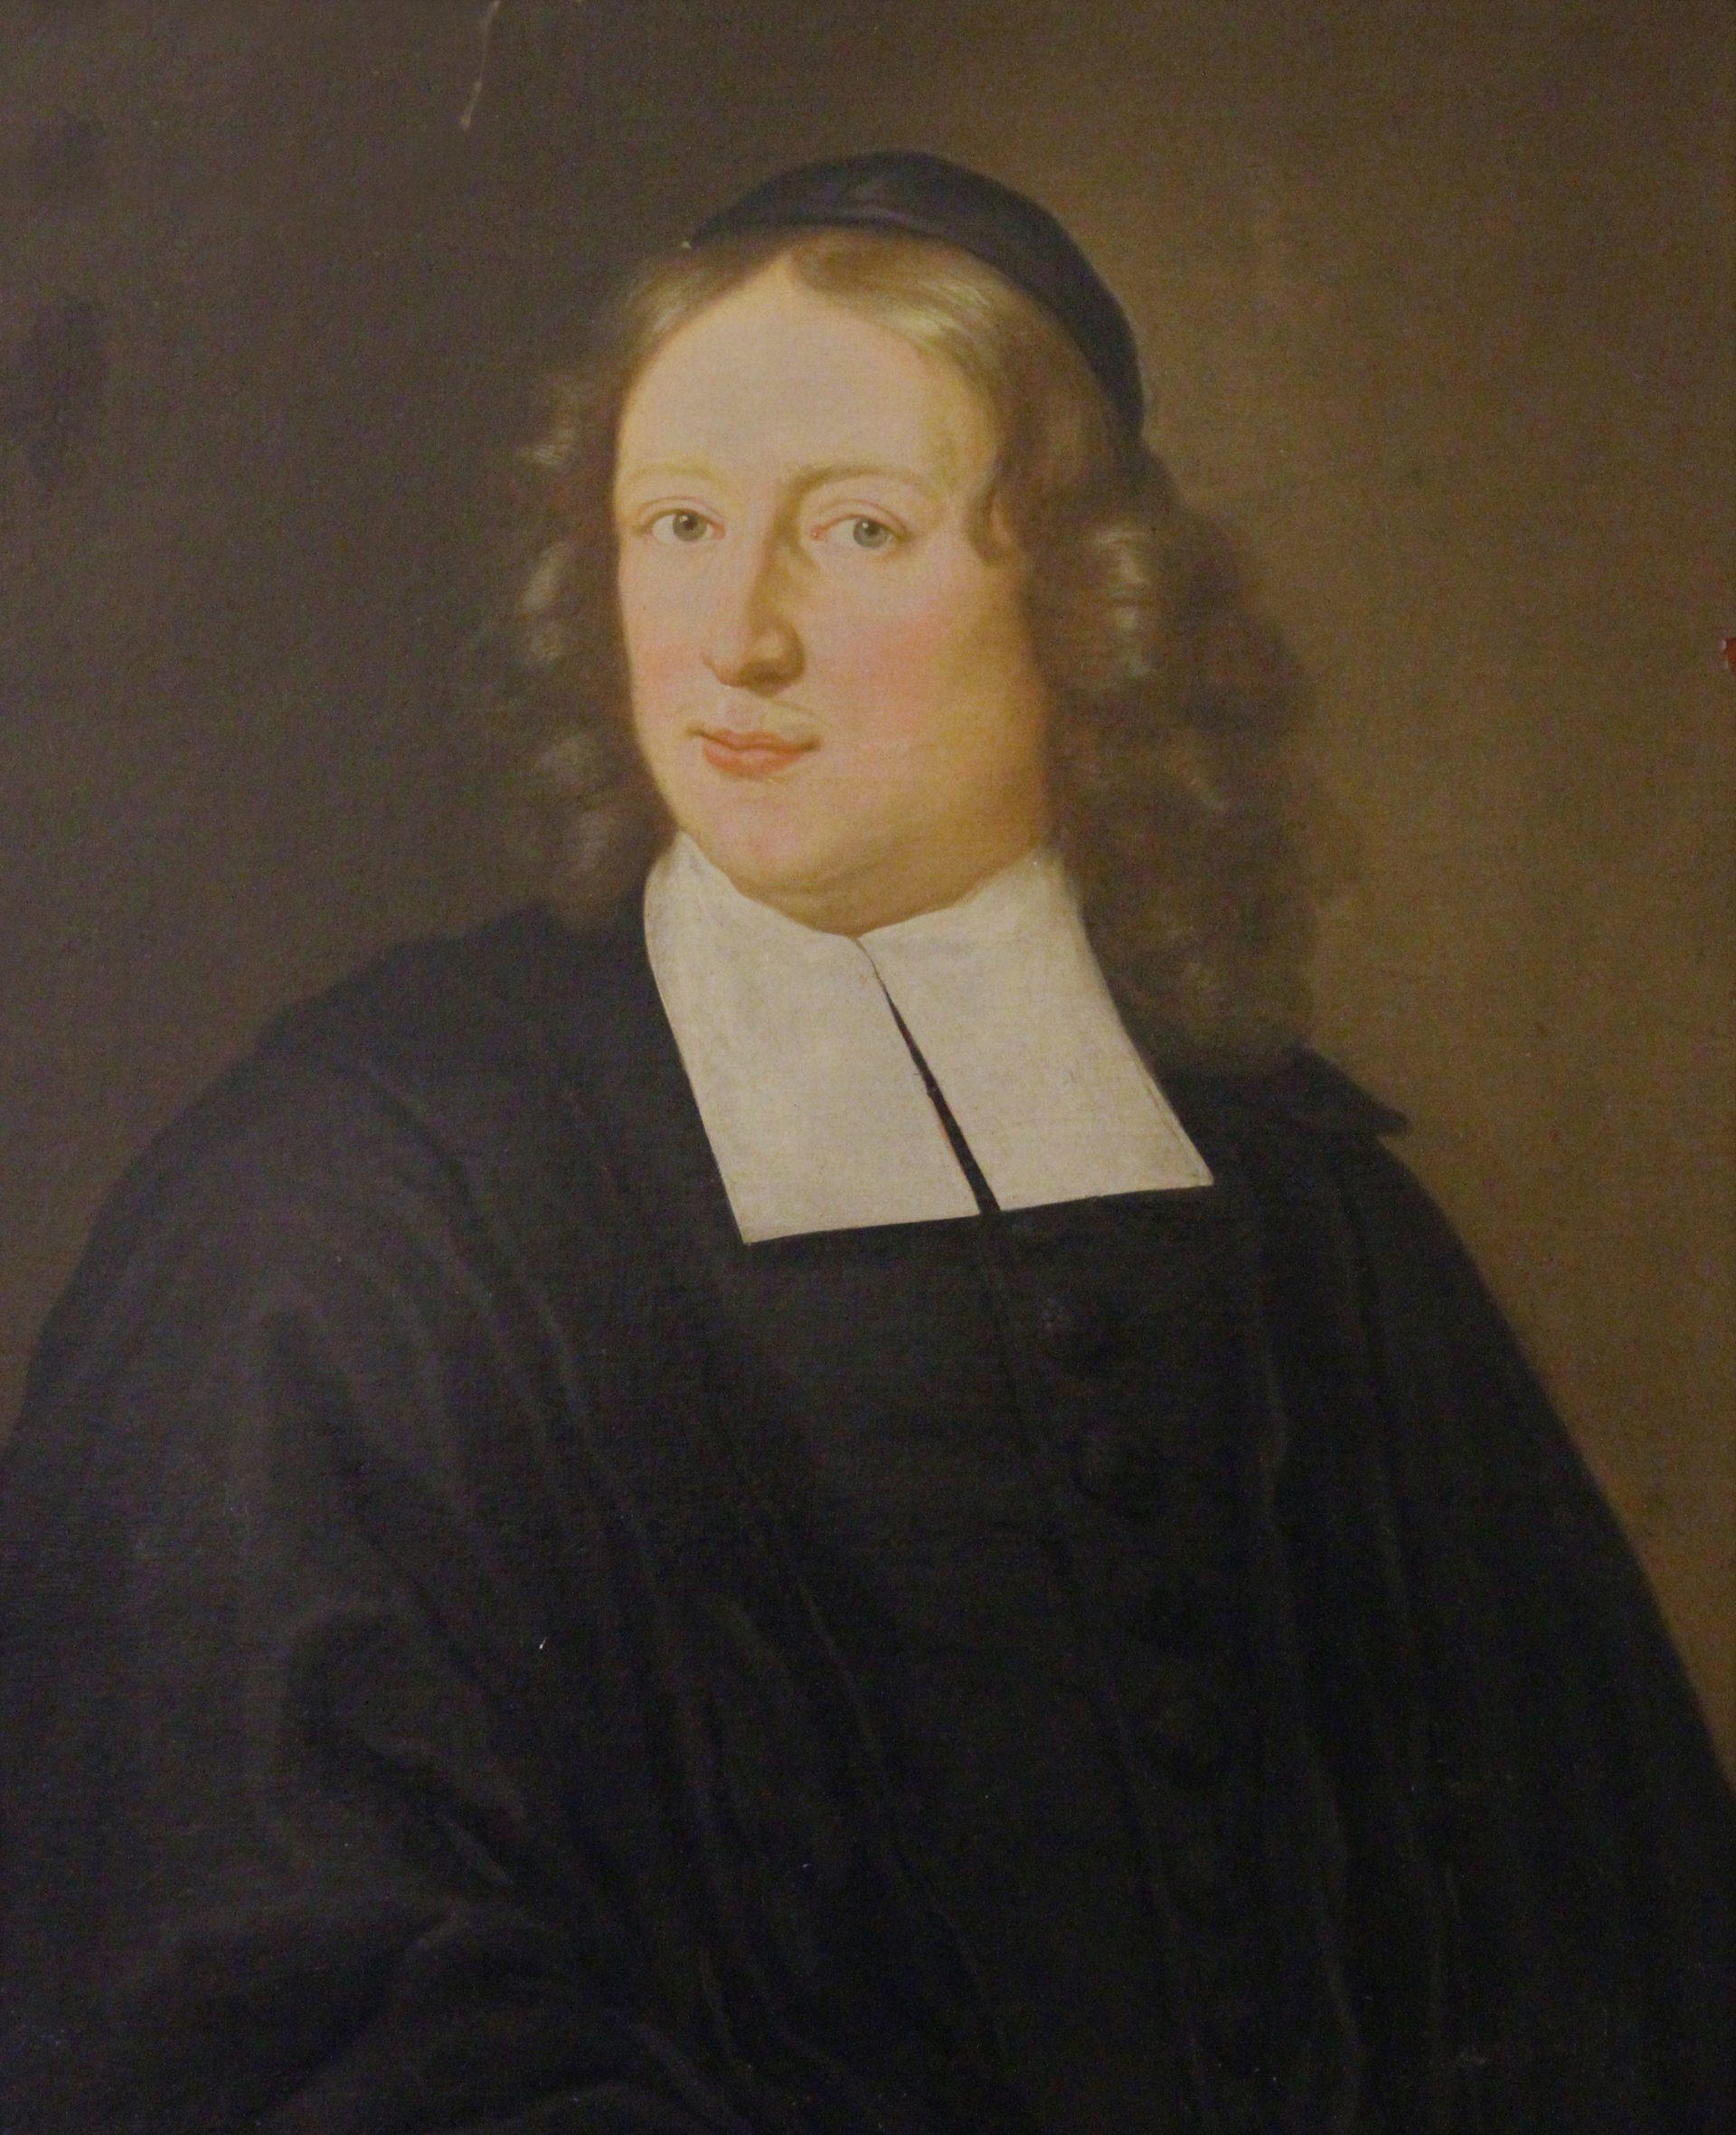 Målning av en präst i svarta kläder, stor vit krage och peruk.